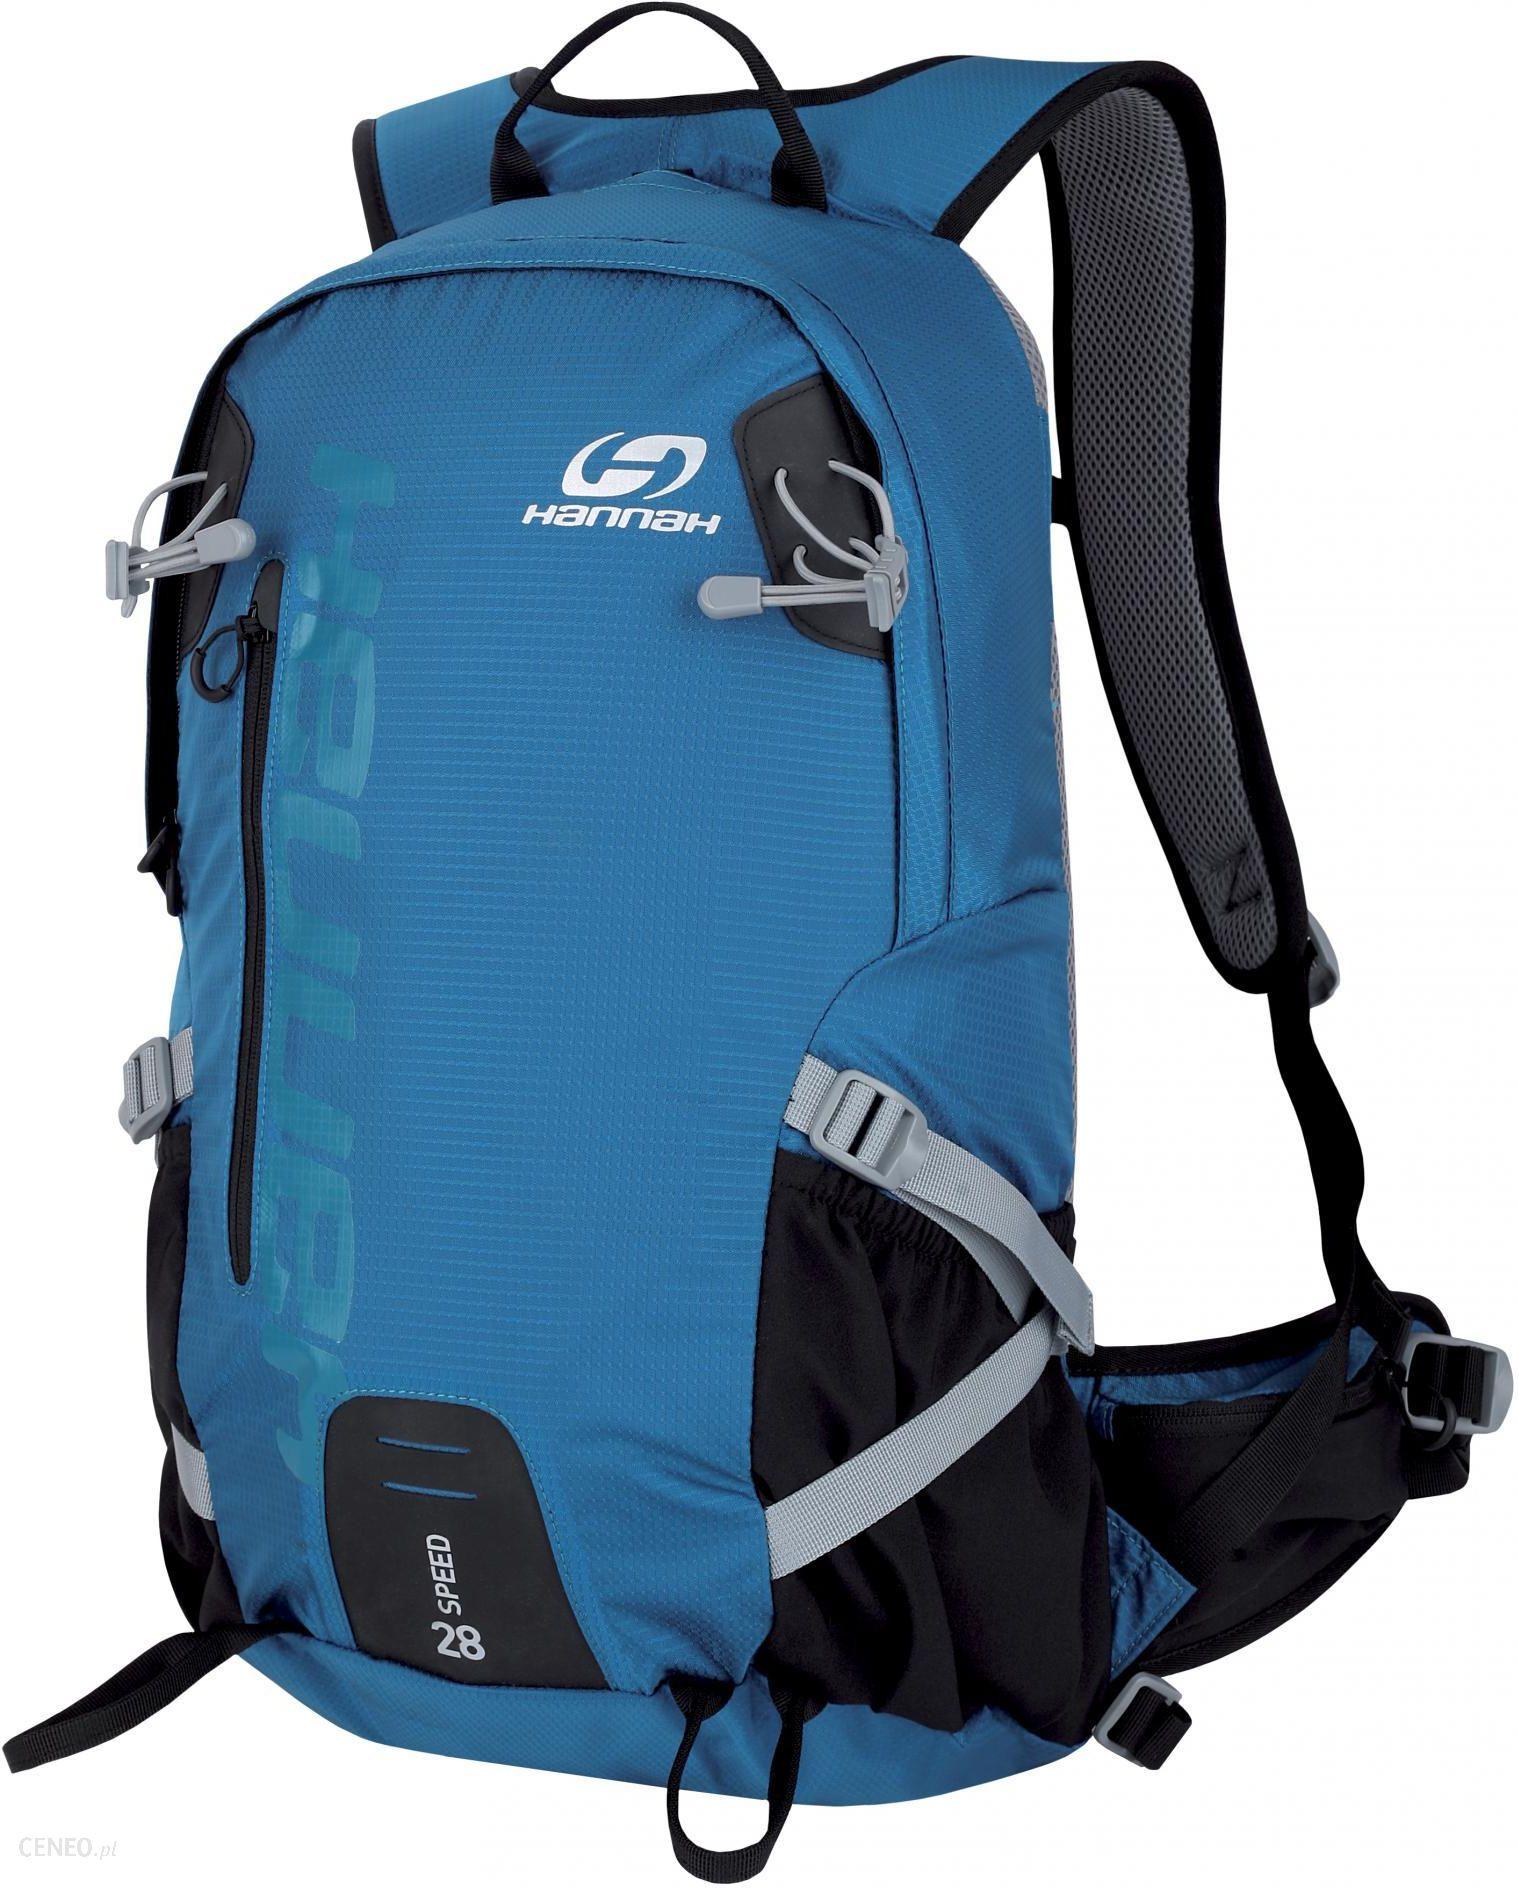 2152bf54afa61 Plecak Hannah plecak Speed 28 Seaport - Ceny i opinie - Ceneo.pl